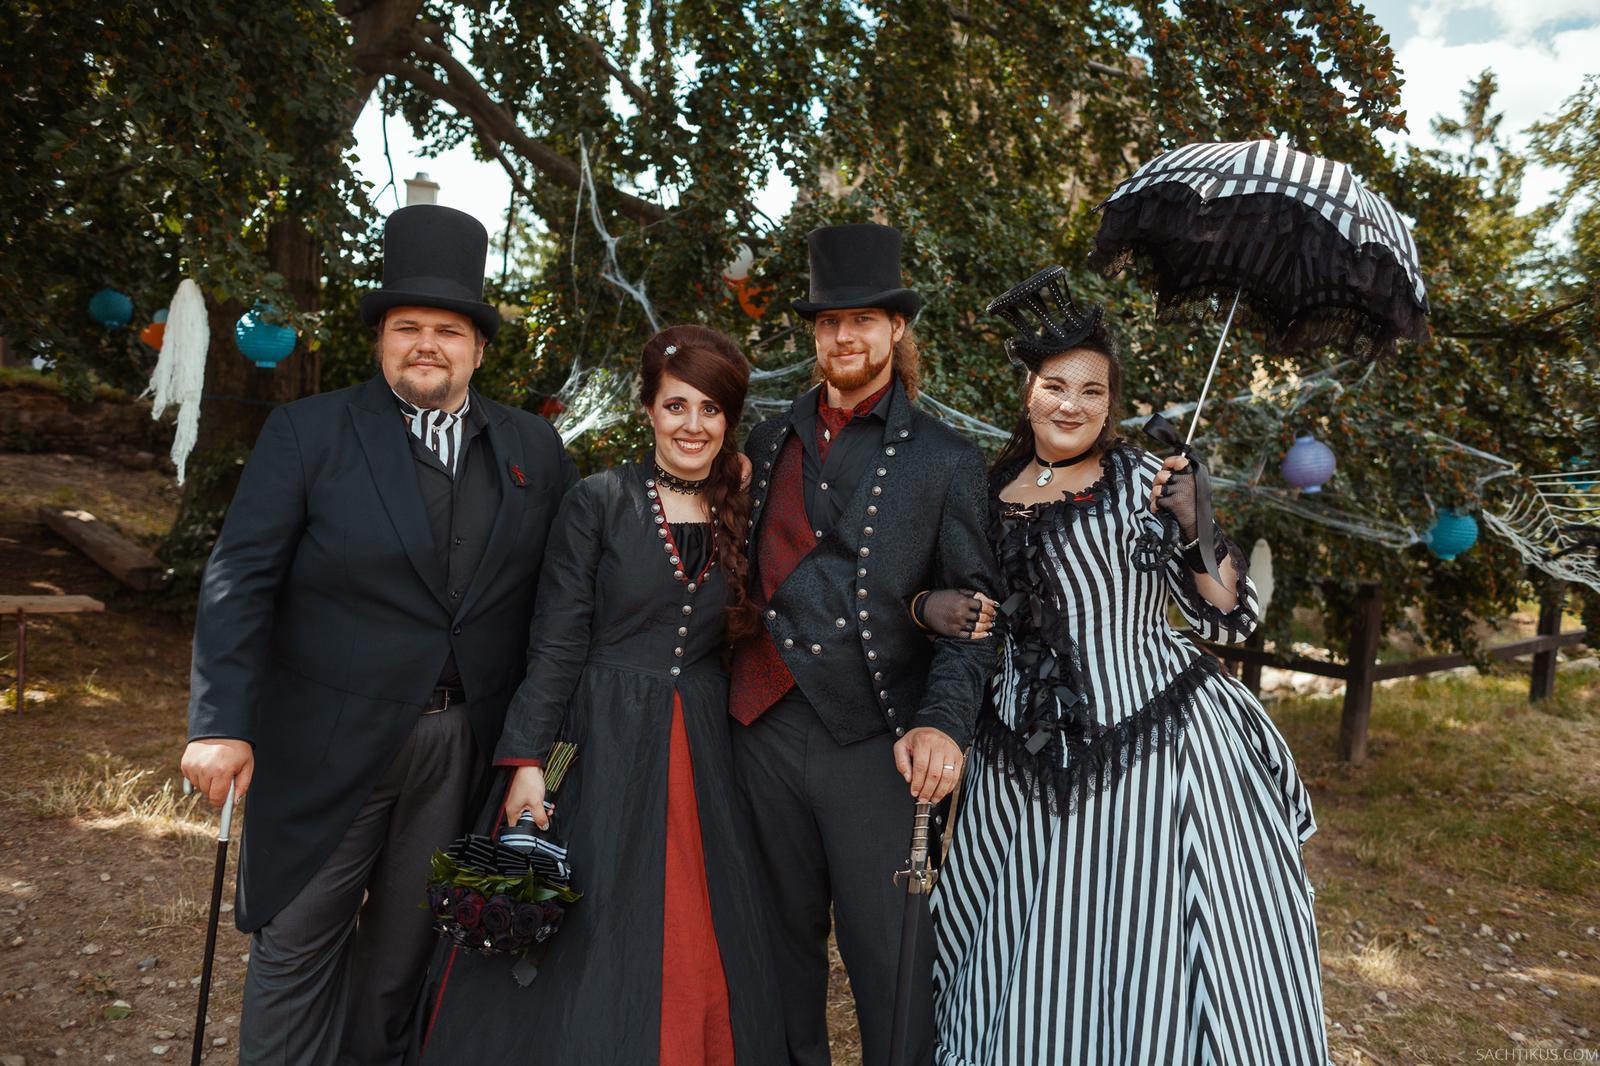 Naše dobová viktoriánská  svatba - Naší úžasní fotografové na jejich svatbě❤ šila  jsem pro oba. Teď oni na oplátku dokumentují naši svatbu. Zbožňuju je 😍